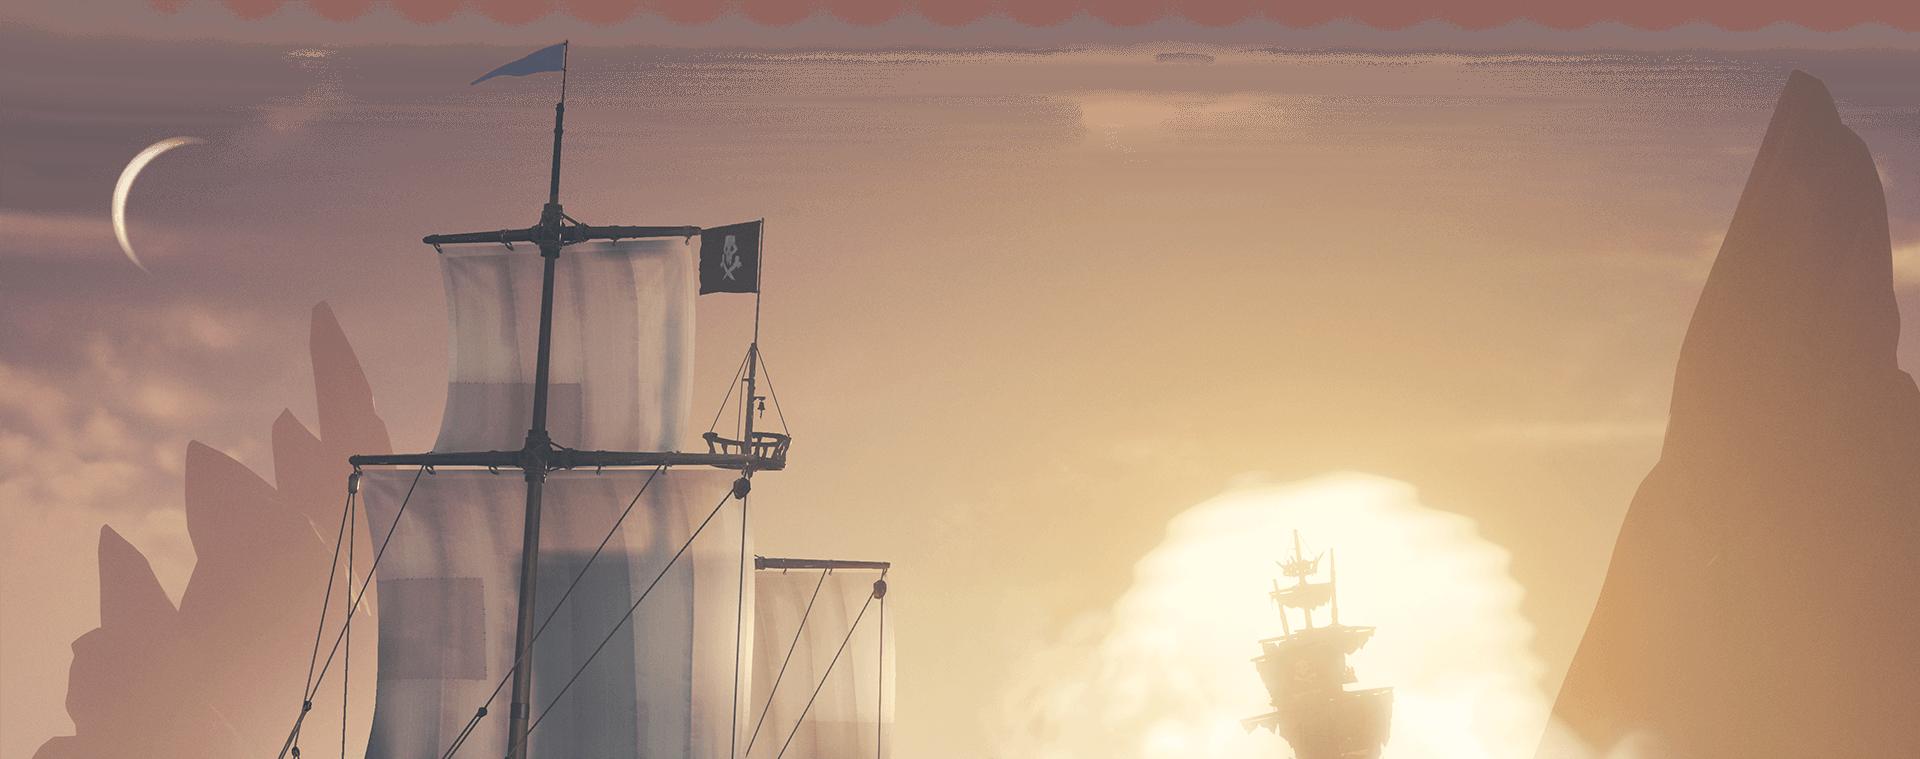 Widok z tyłu na dwa statki odpływające w dal